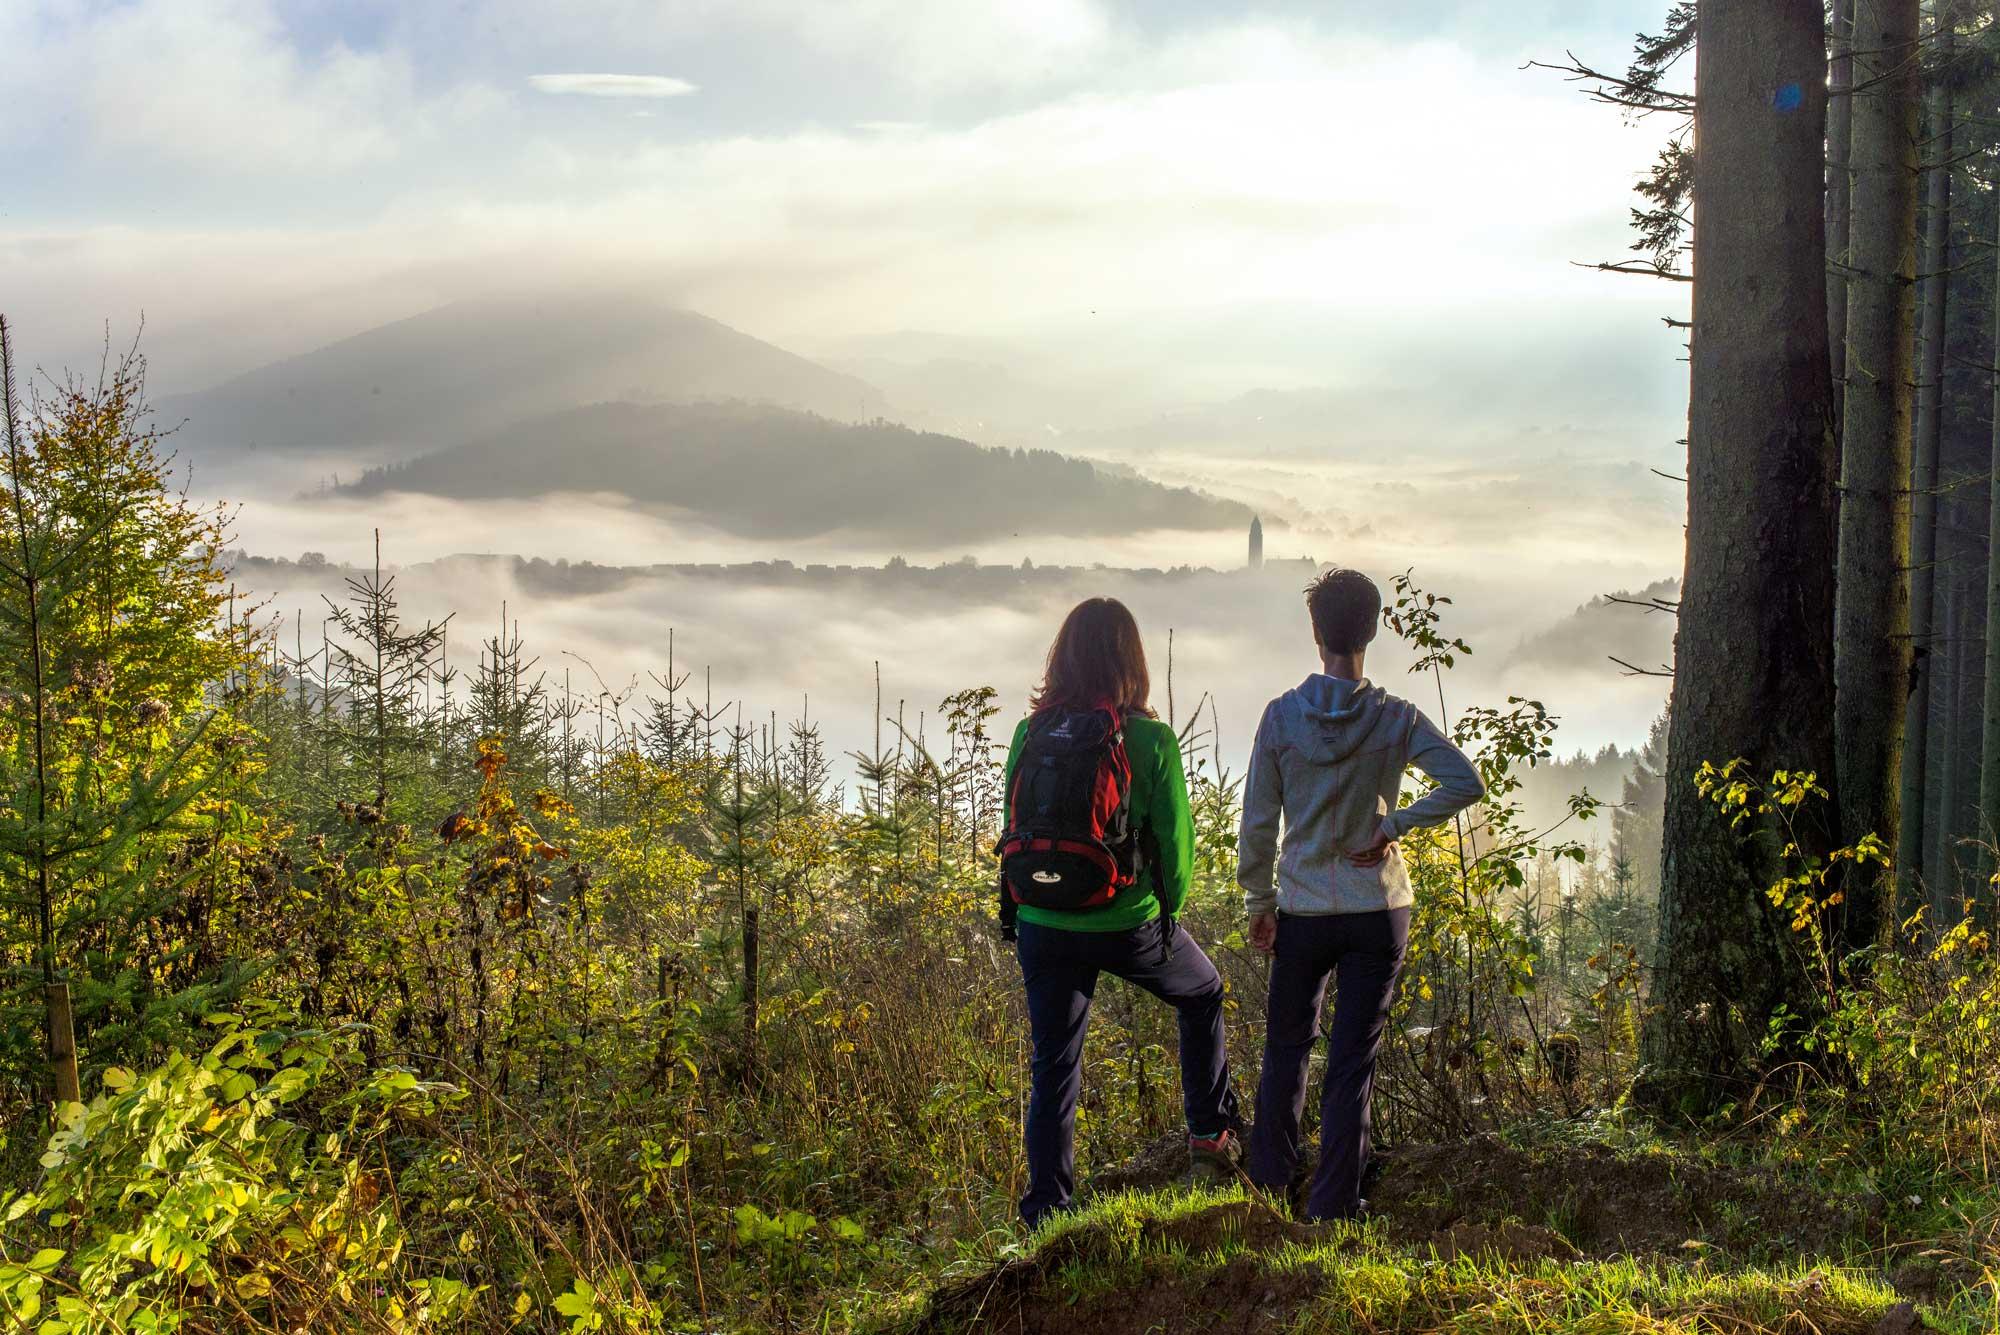 Blick auf den nebelumwobenen Stadtkern von Schmallenberg © Schmallenberg Sauerland Tourismus